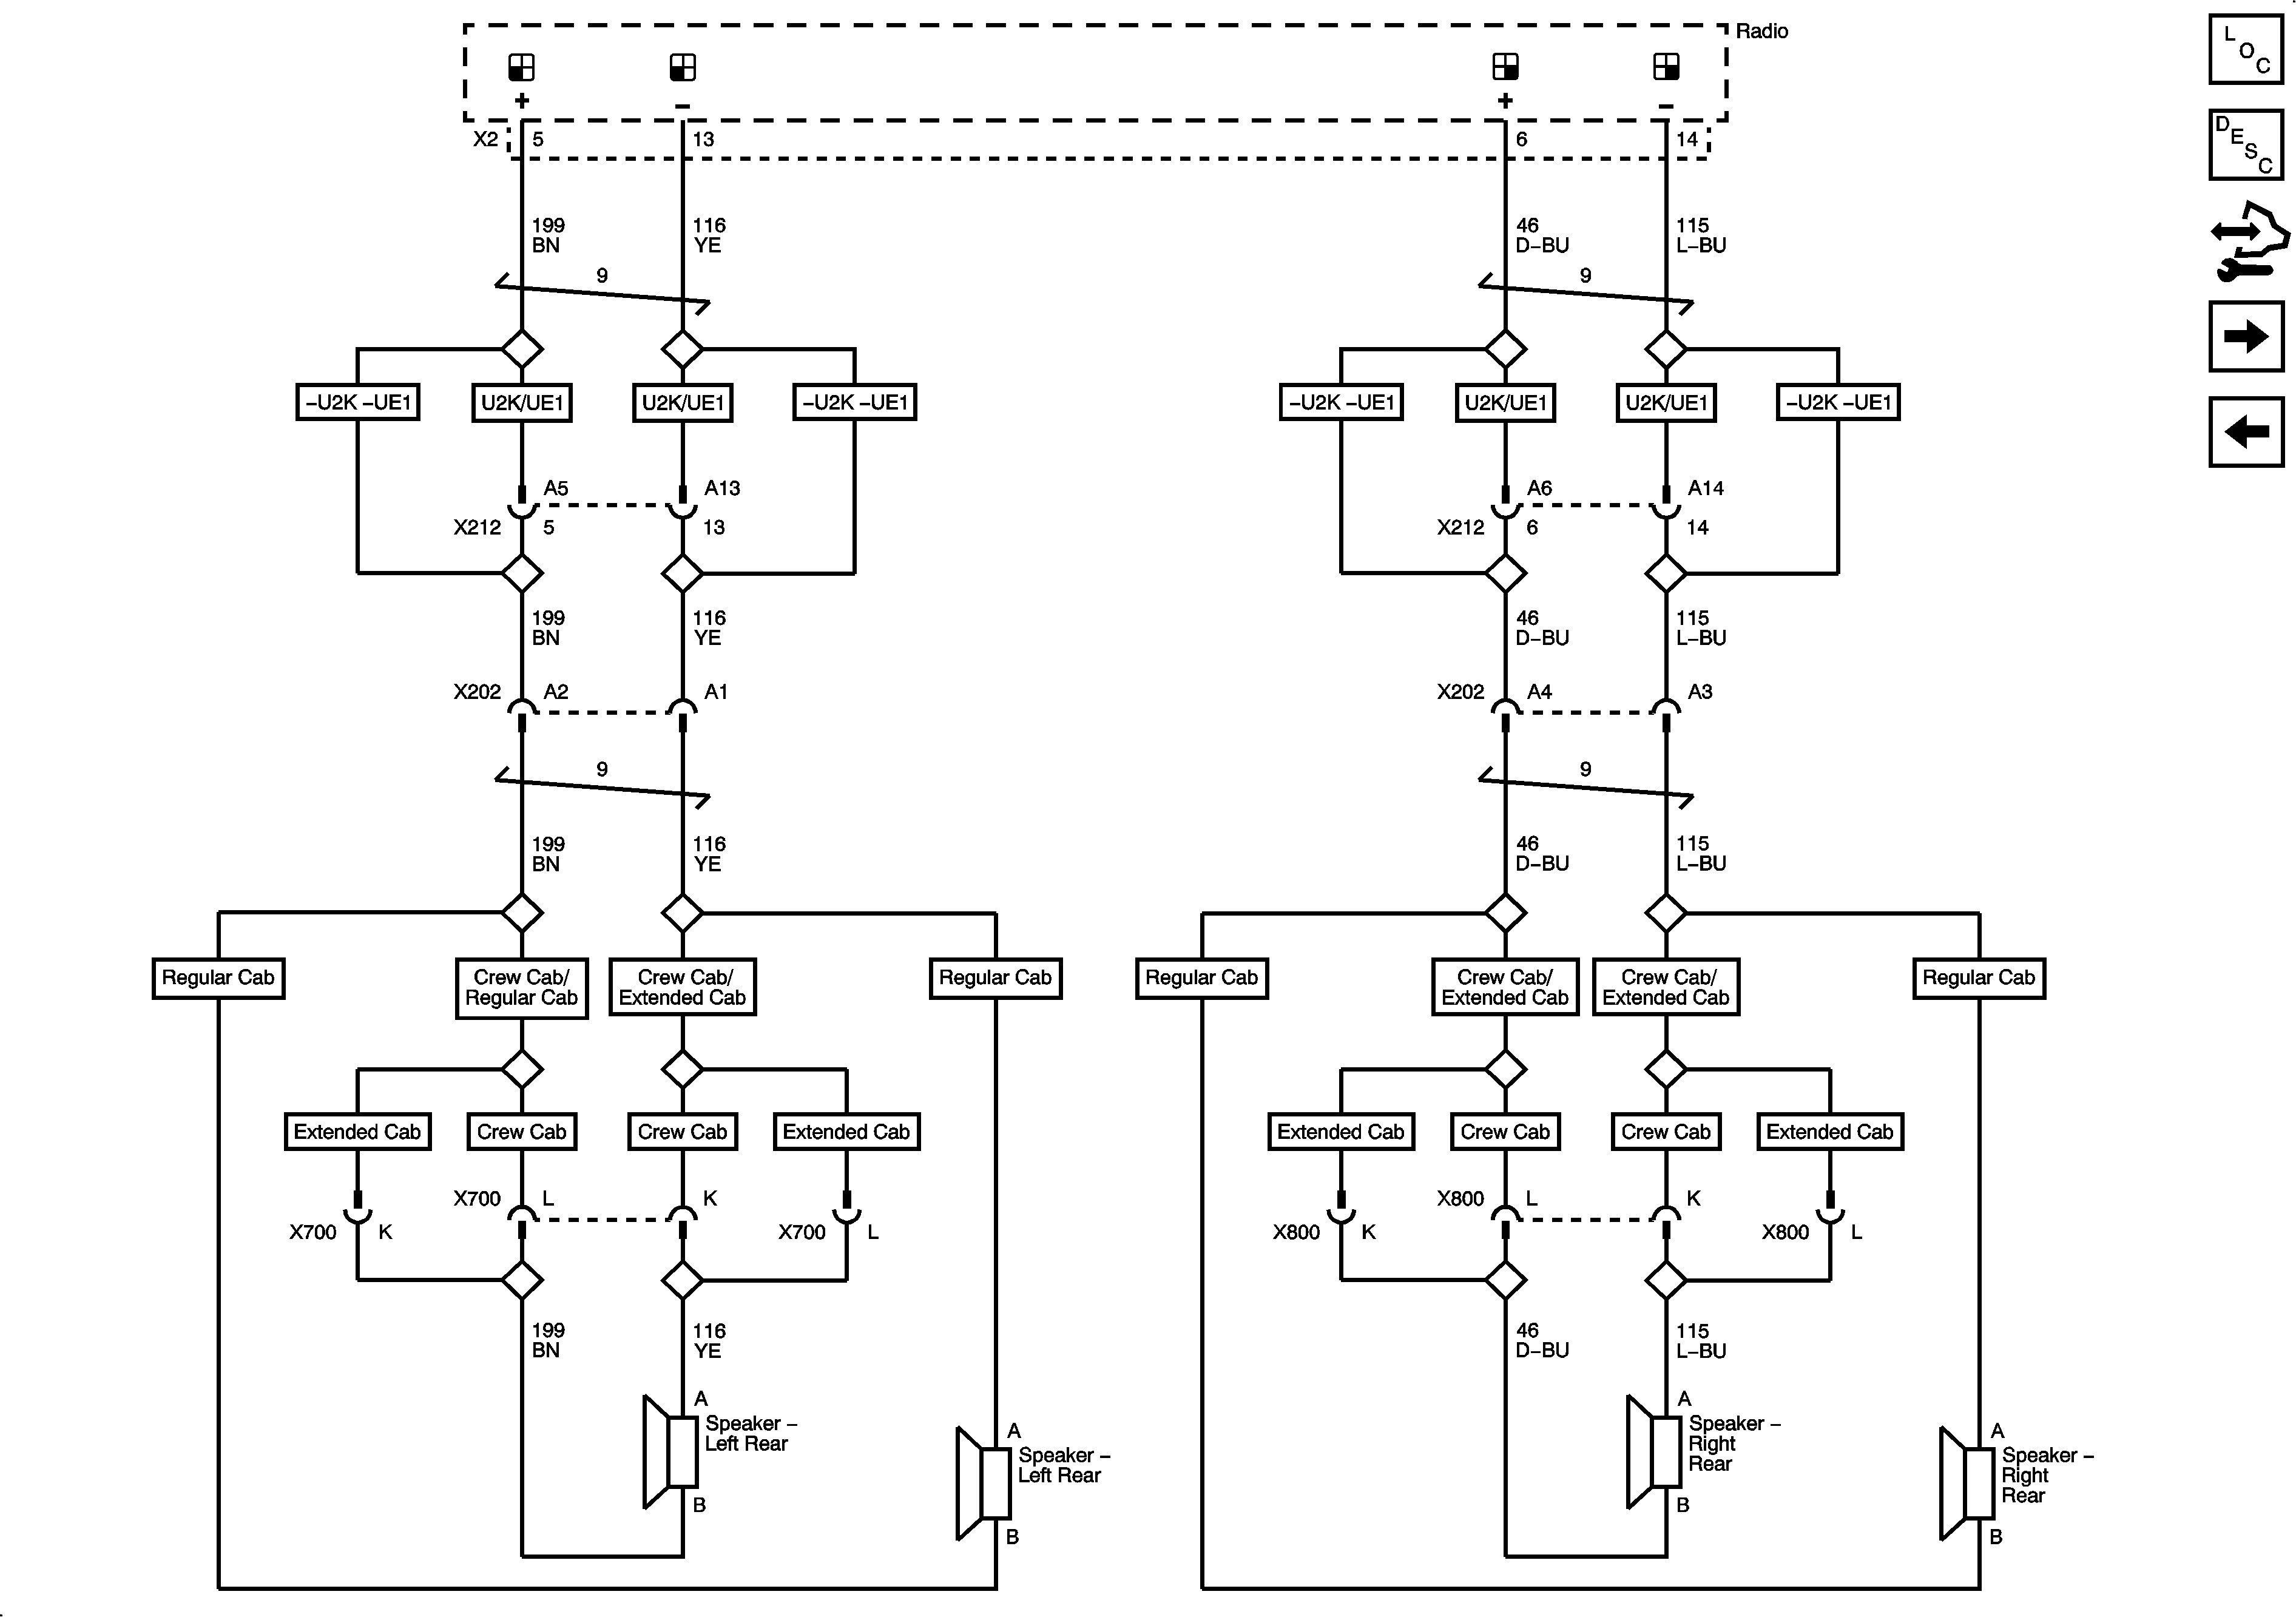 2006 Chevy Silverado Trailer Wiring Diagram in 2020 ...